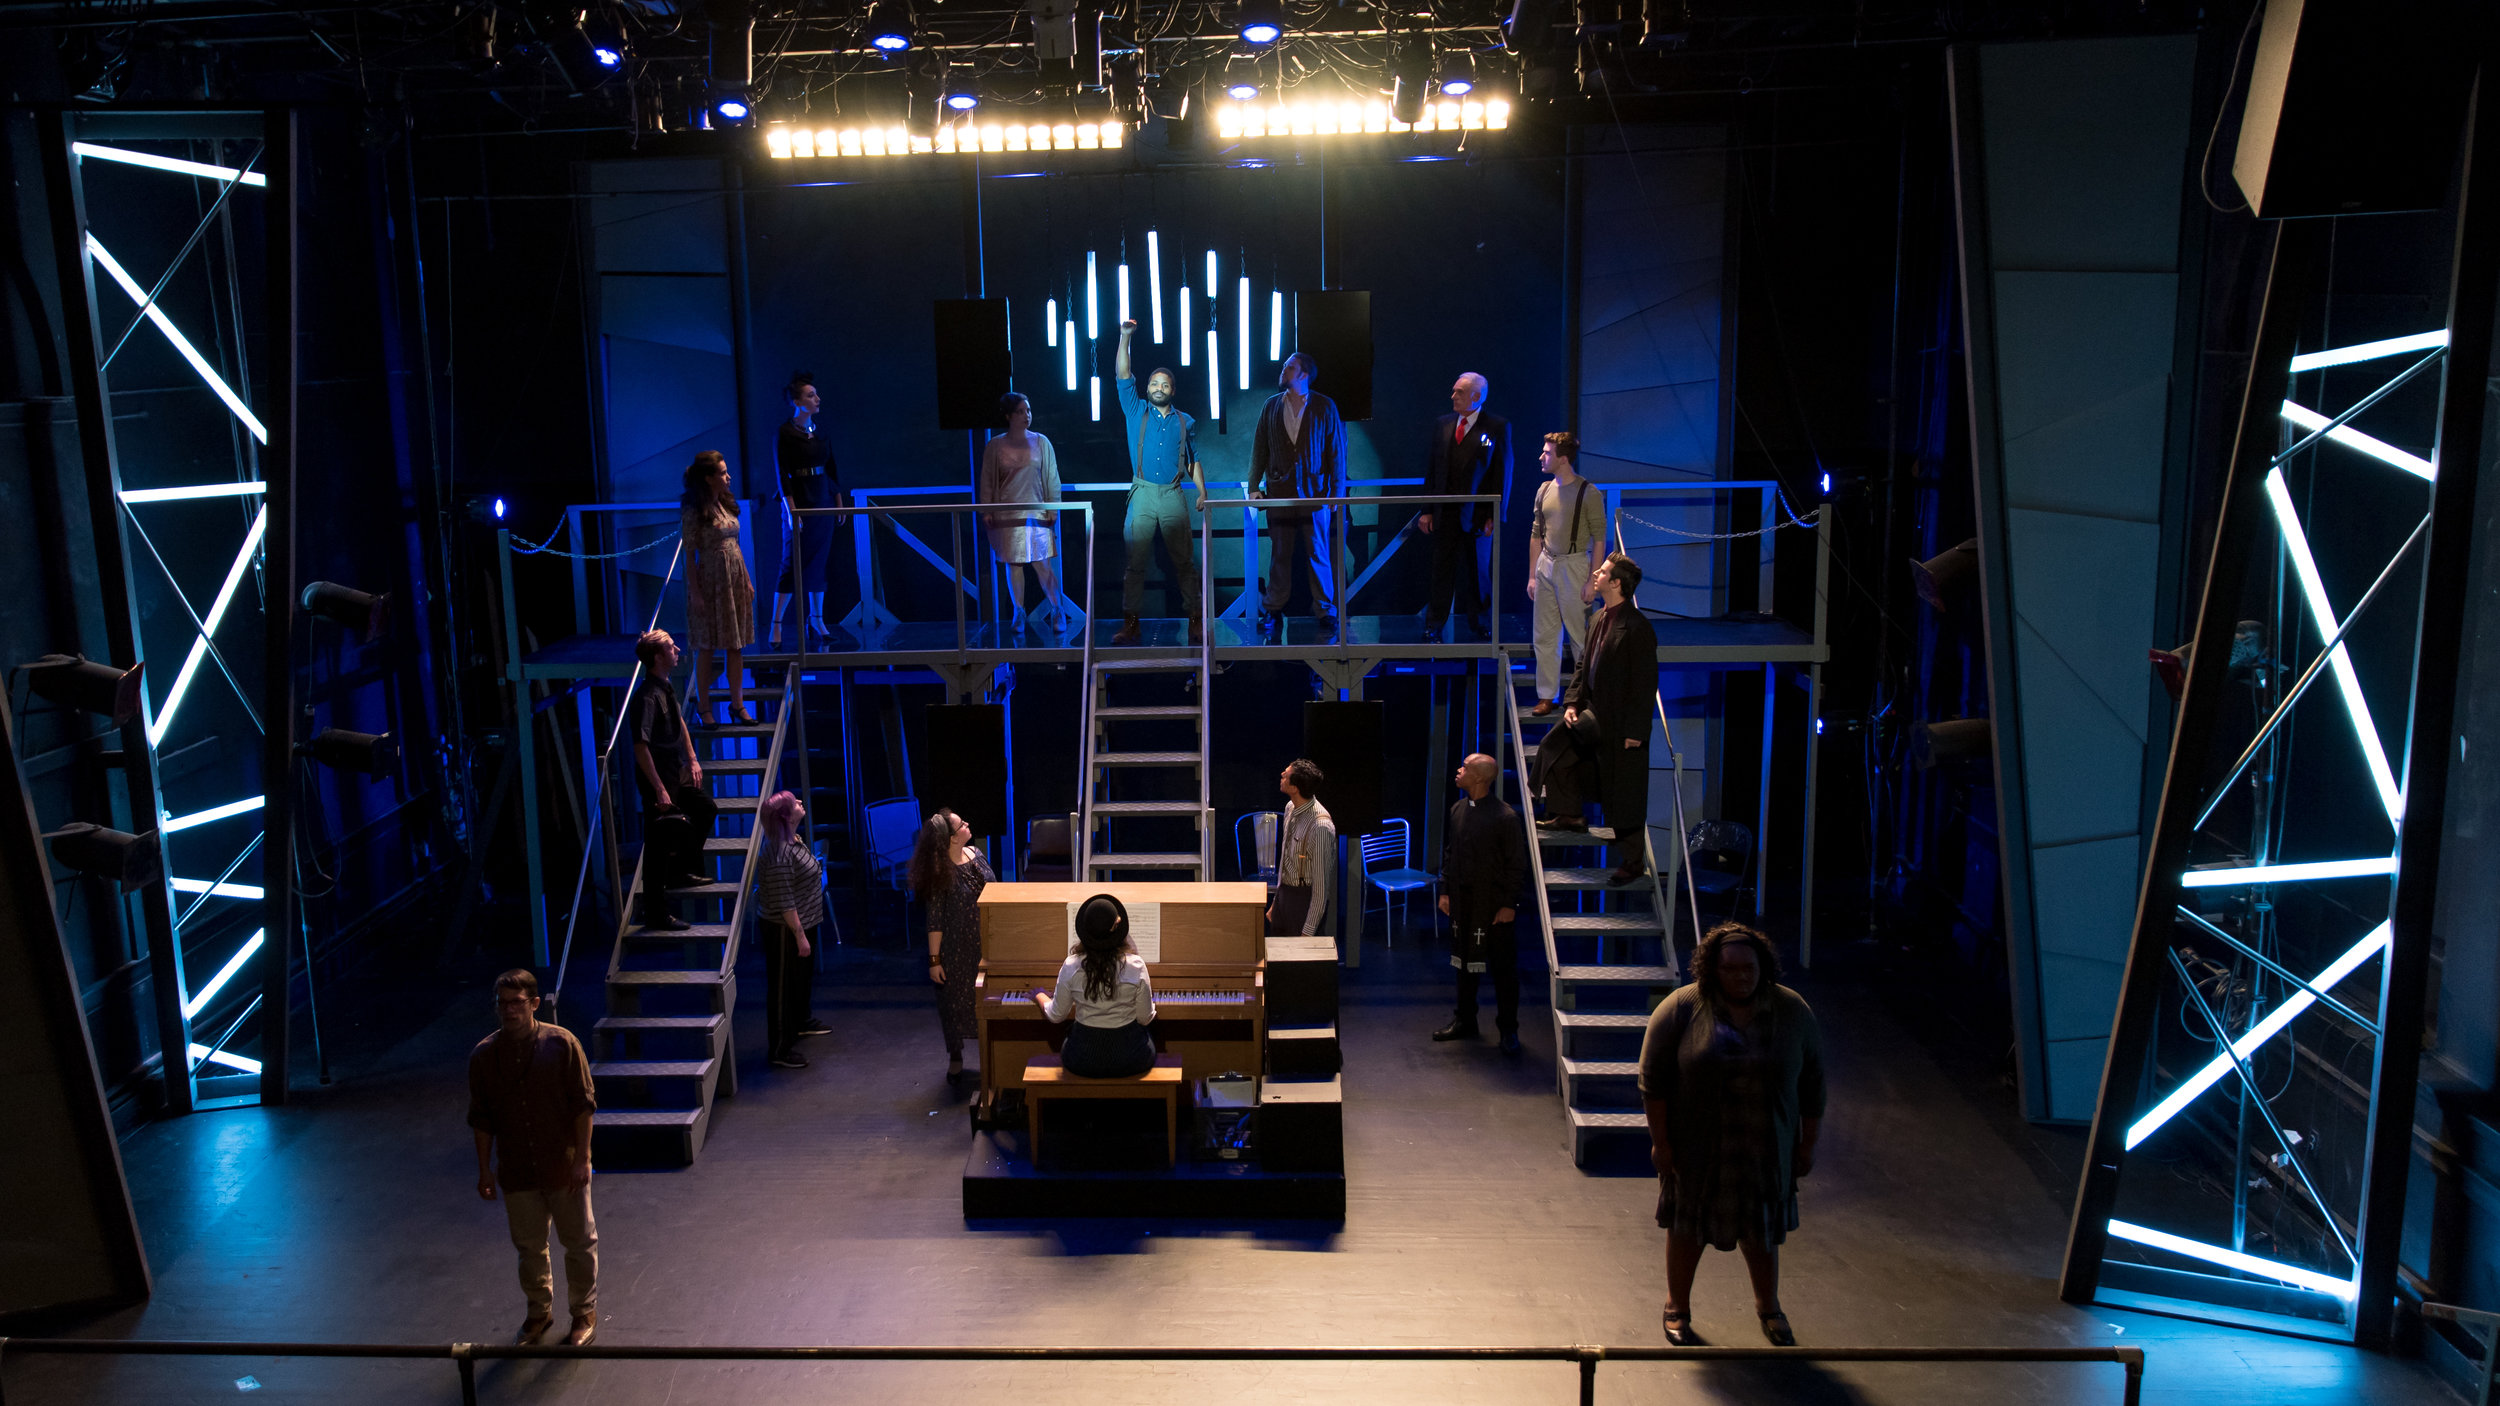 Scene 10: Nightcourt